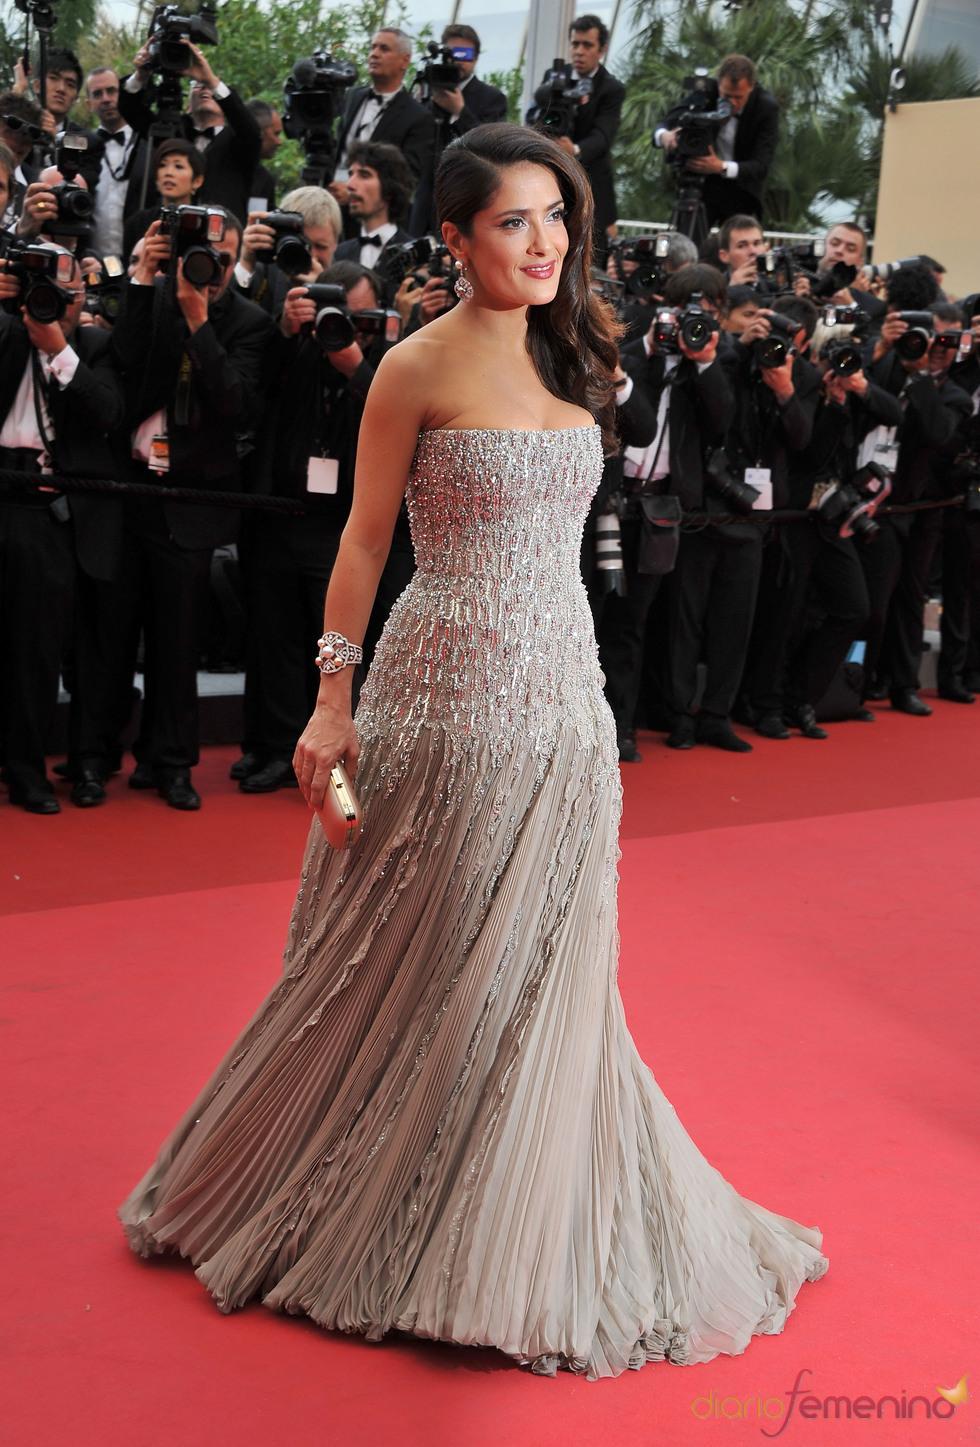 Salma Hayek posa en la alfombra roja del Festival de Cine de Cannes 2011